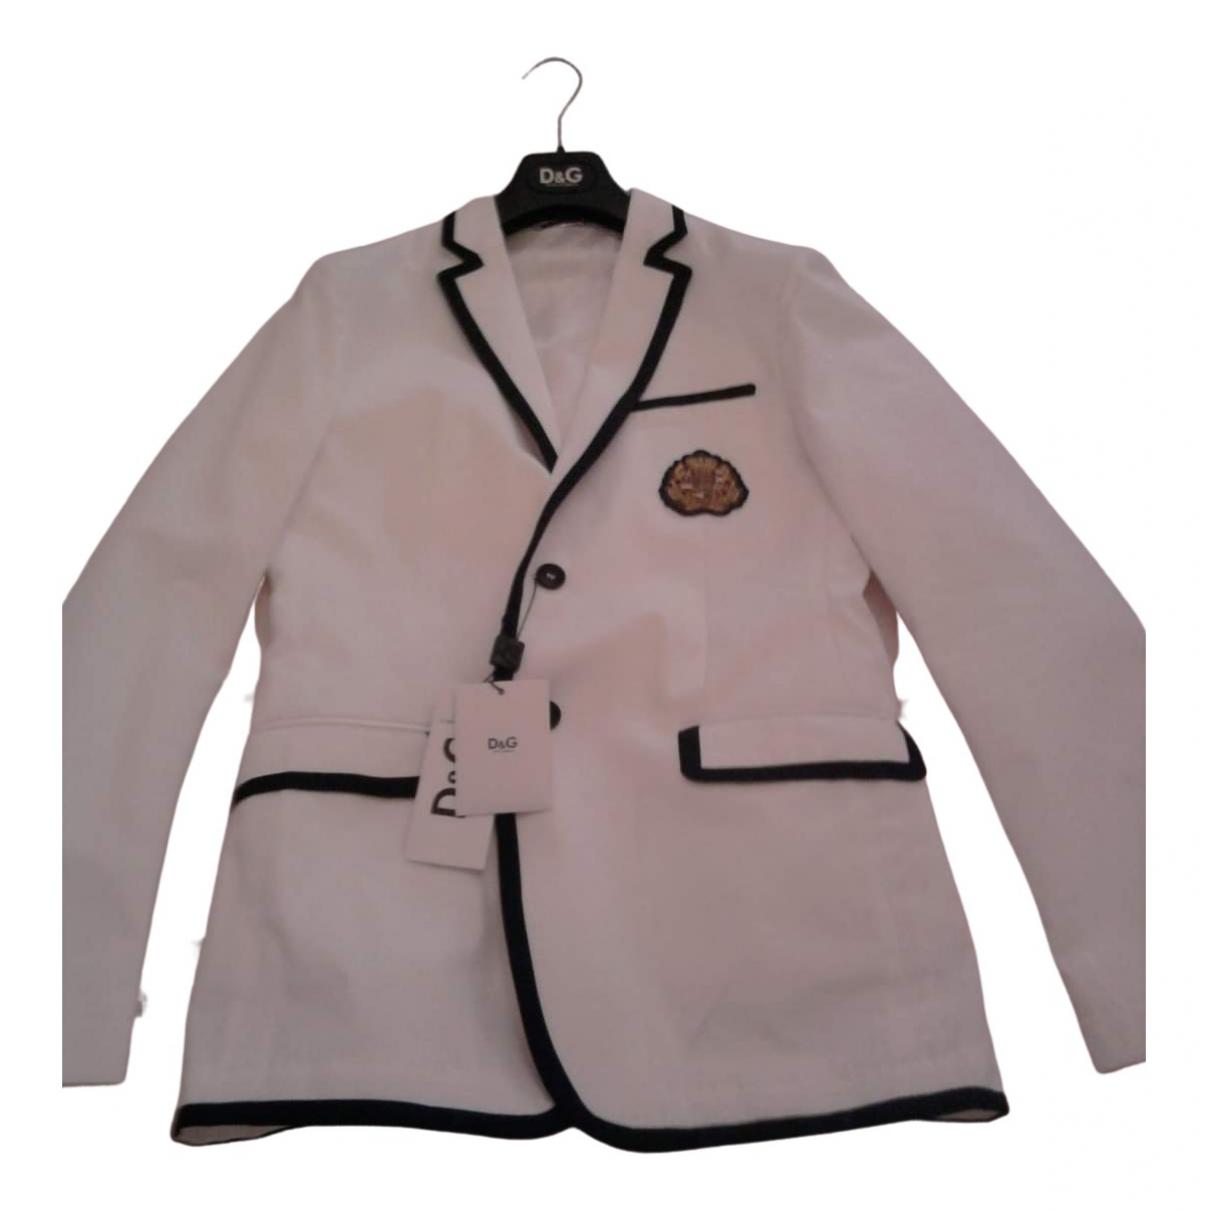 D&g - Vestes.Blousons   pour homme en coton - blanc